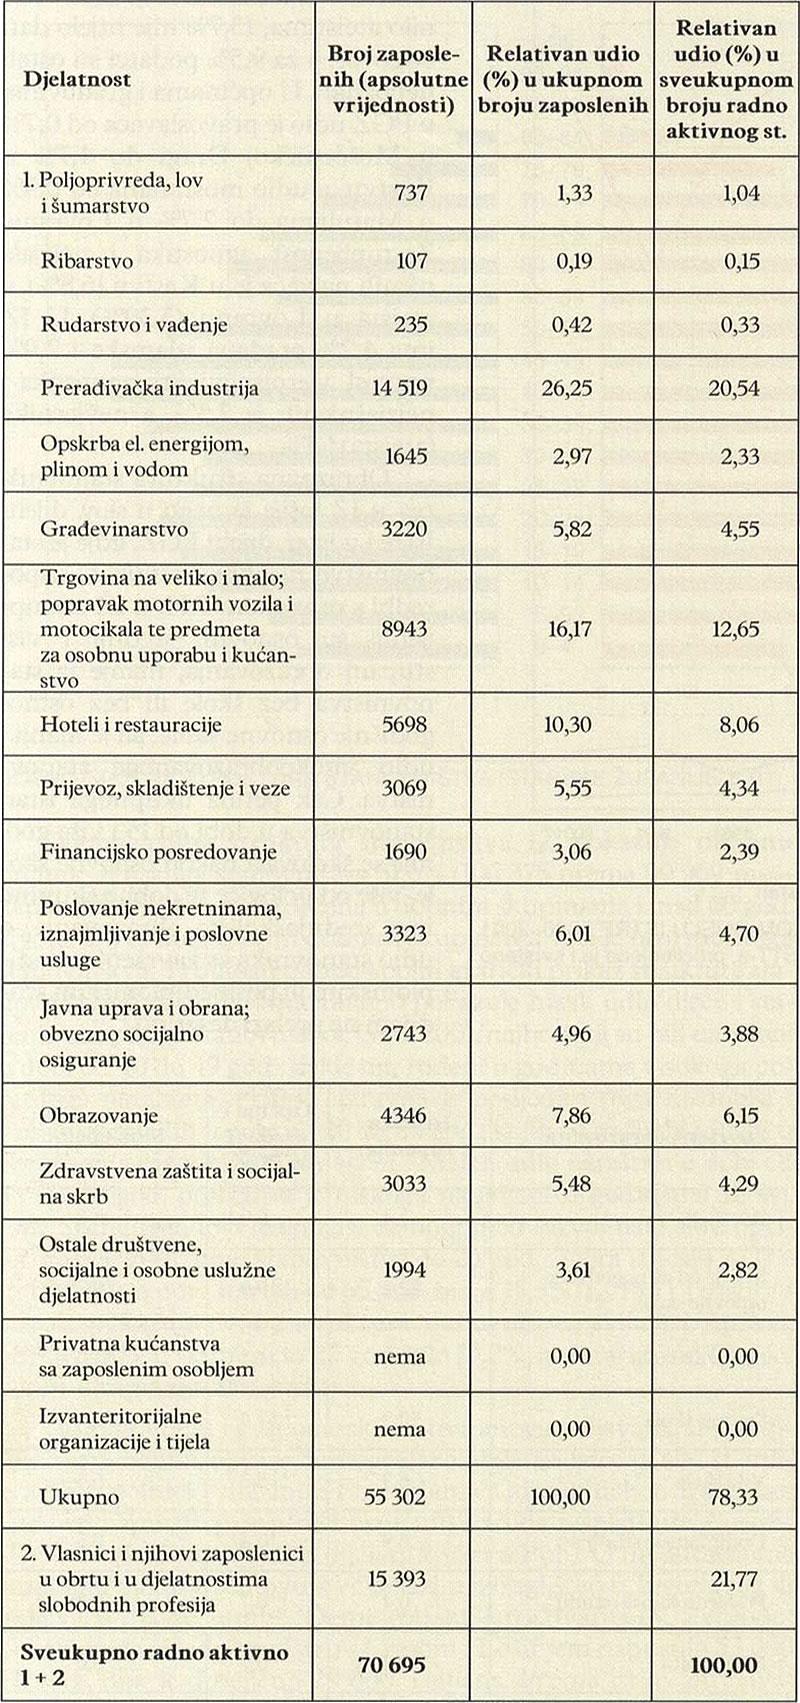 ZAPOSLENI U POSLOVNIM SUBJEKTIMA PO DJELATNOSTIMA U ISTARSKOJ ŽUPANIJI 2001 (APSOLUTNE I RELATIVNE VRIJEDNOSTI)